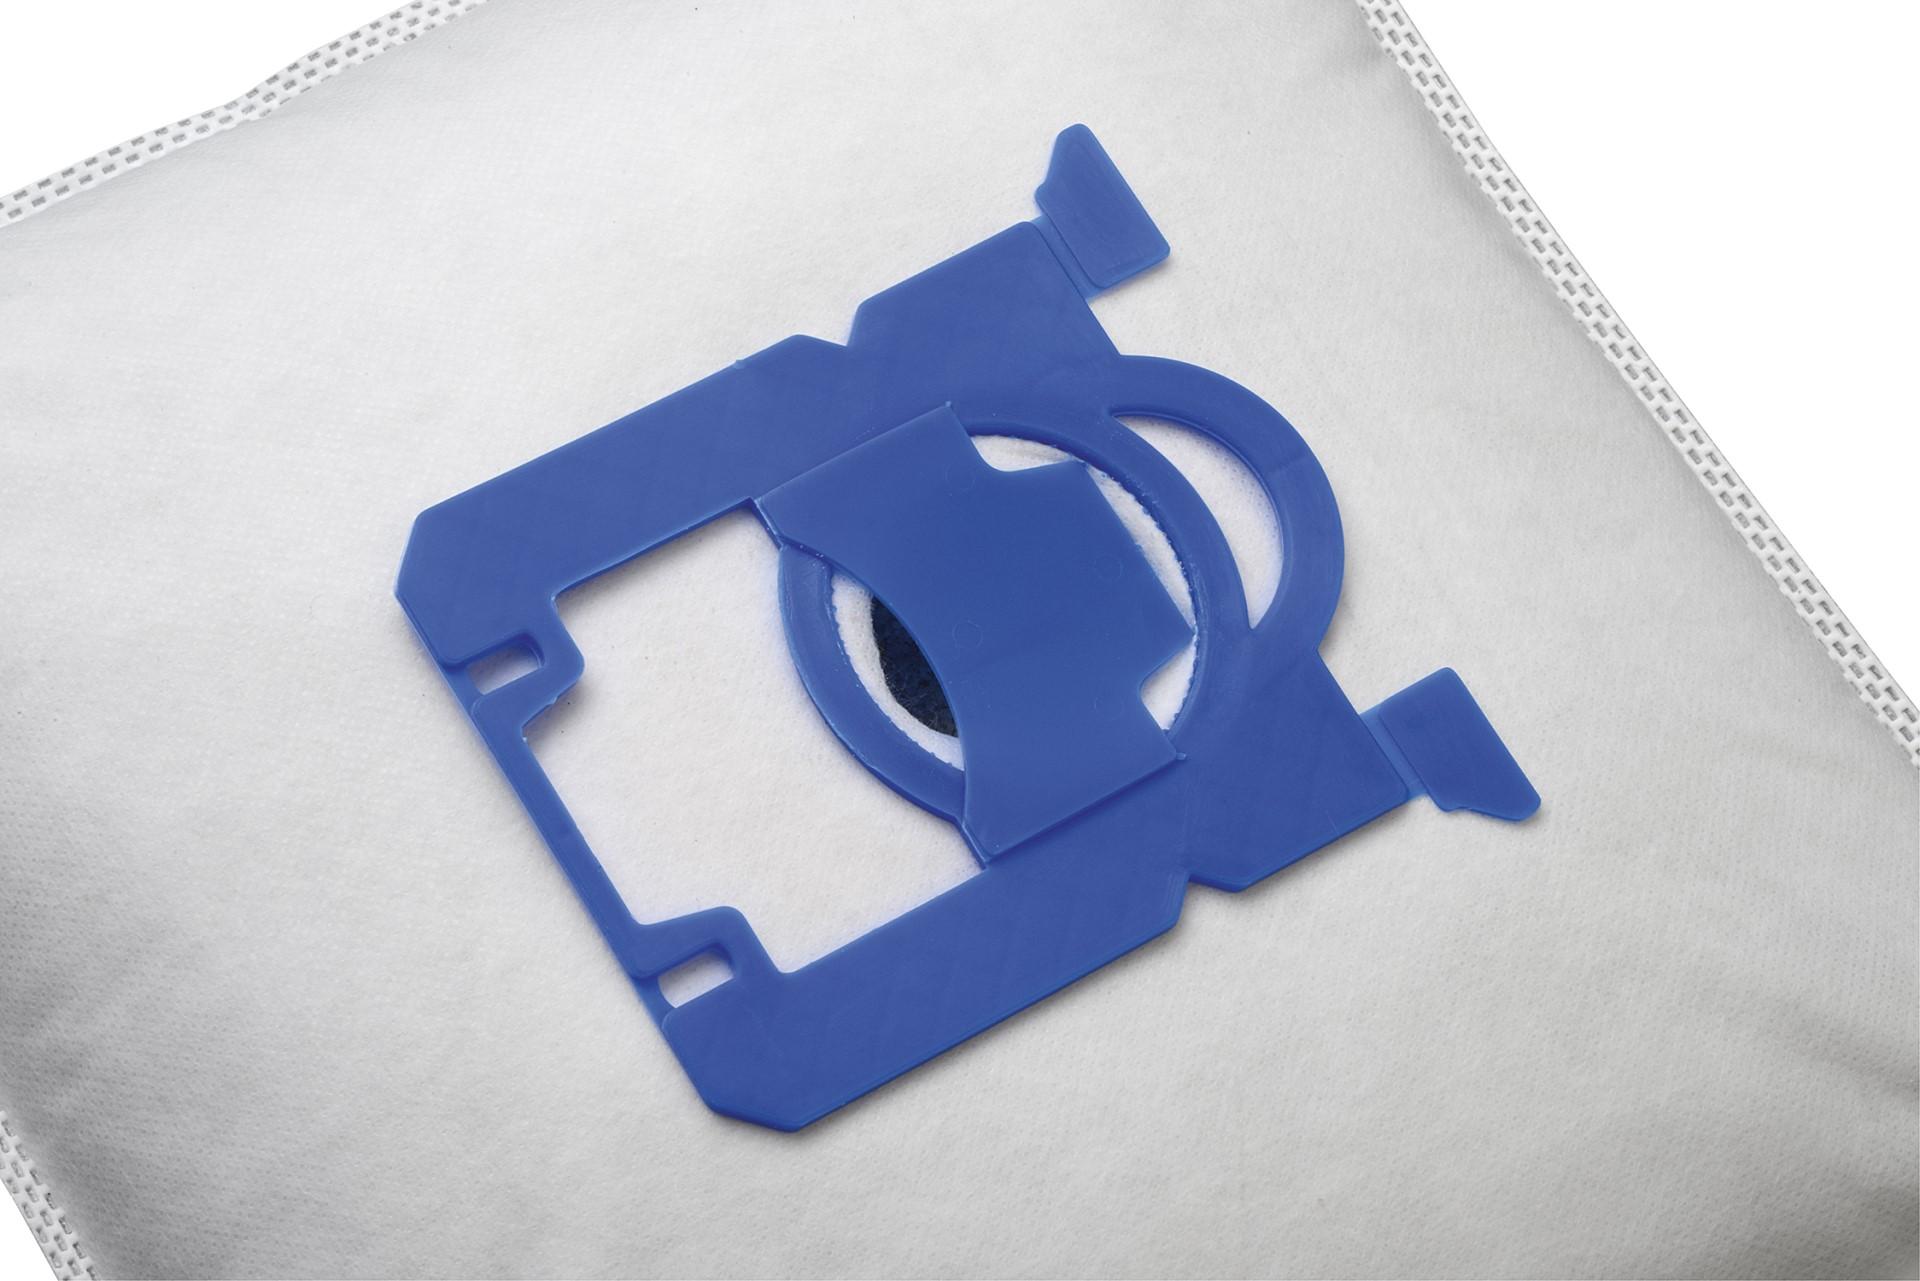 Sáčky do vysavače Electrolux Universal Bag s plastovým čelem - kompatibilní se sáčky typu S-BAG